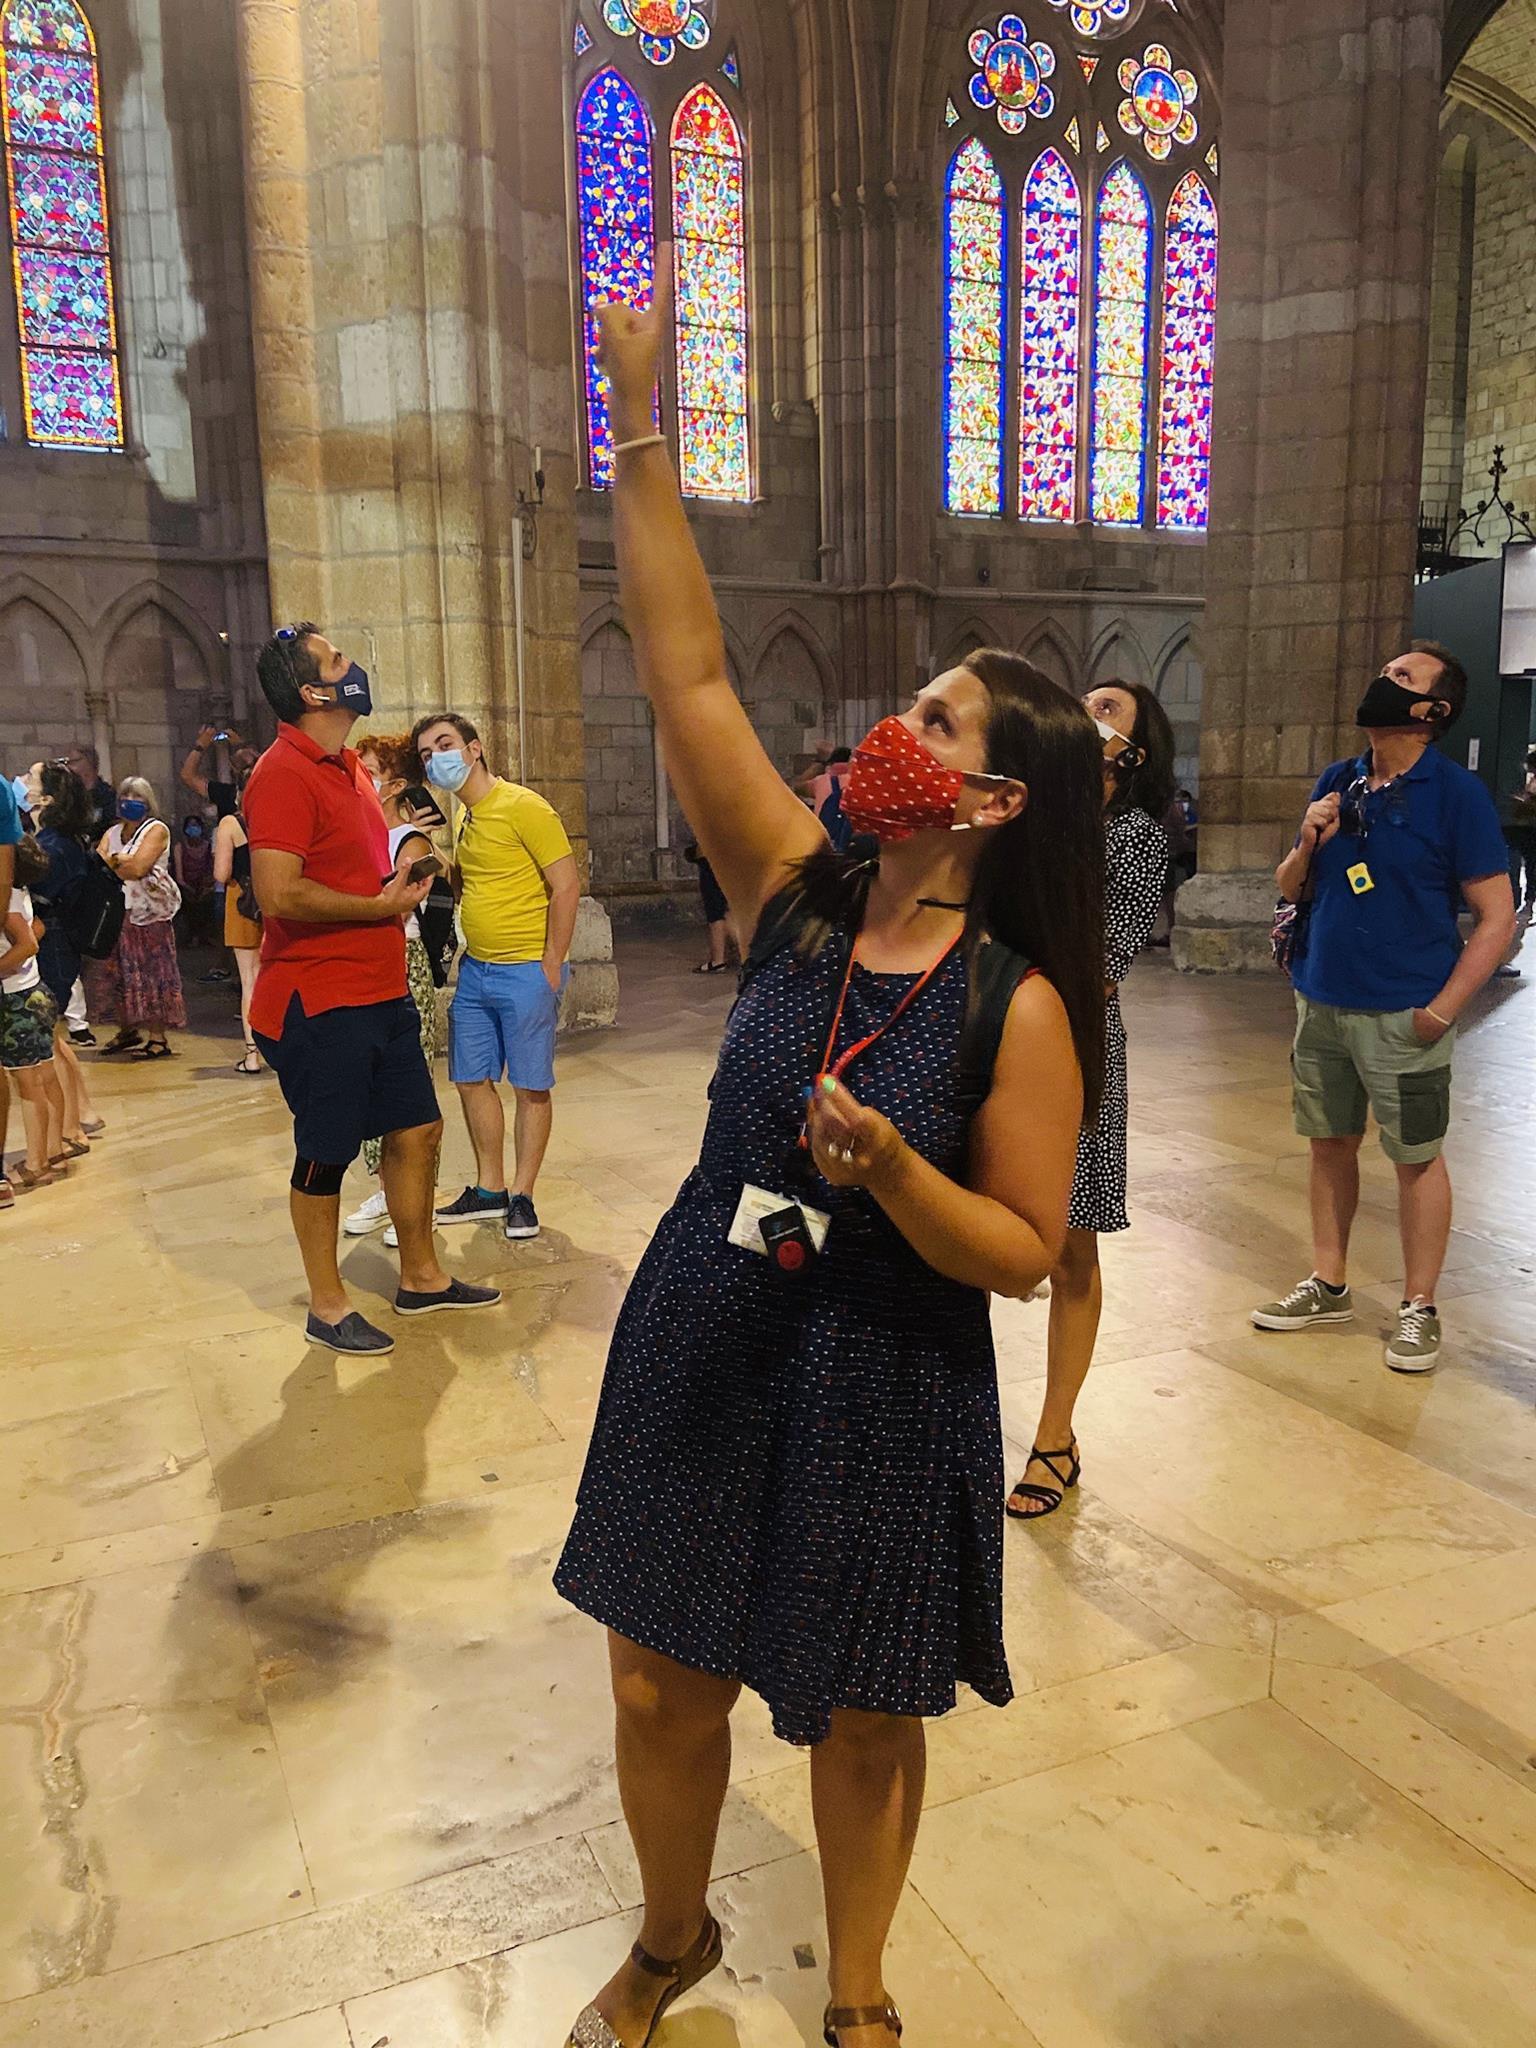 Empresa leonesa que realiza visitas guiadas a la Catedral de León.  Nuestra Pulchra, es conocida por la Catedral de la Luz, uno de los mejores conjuntos de vidrieras medievales del mundo.